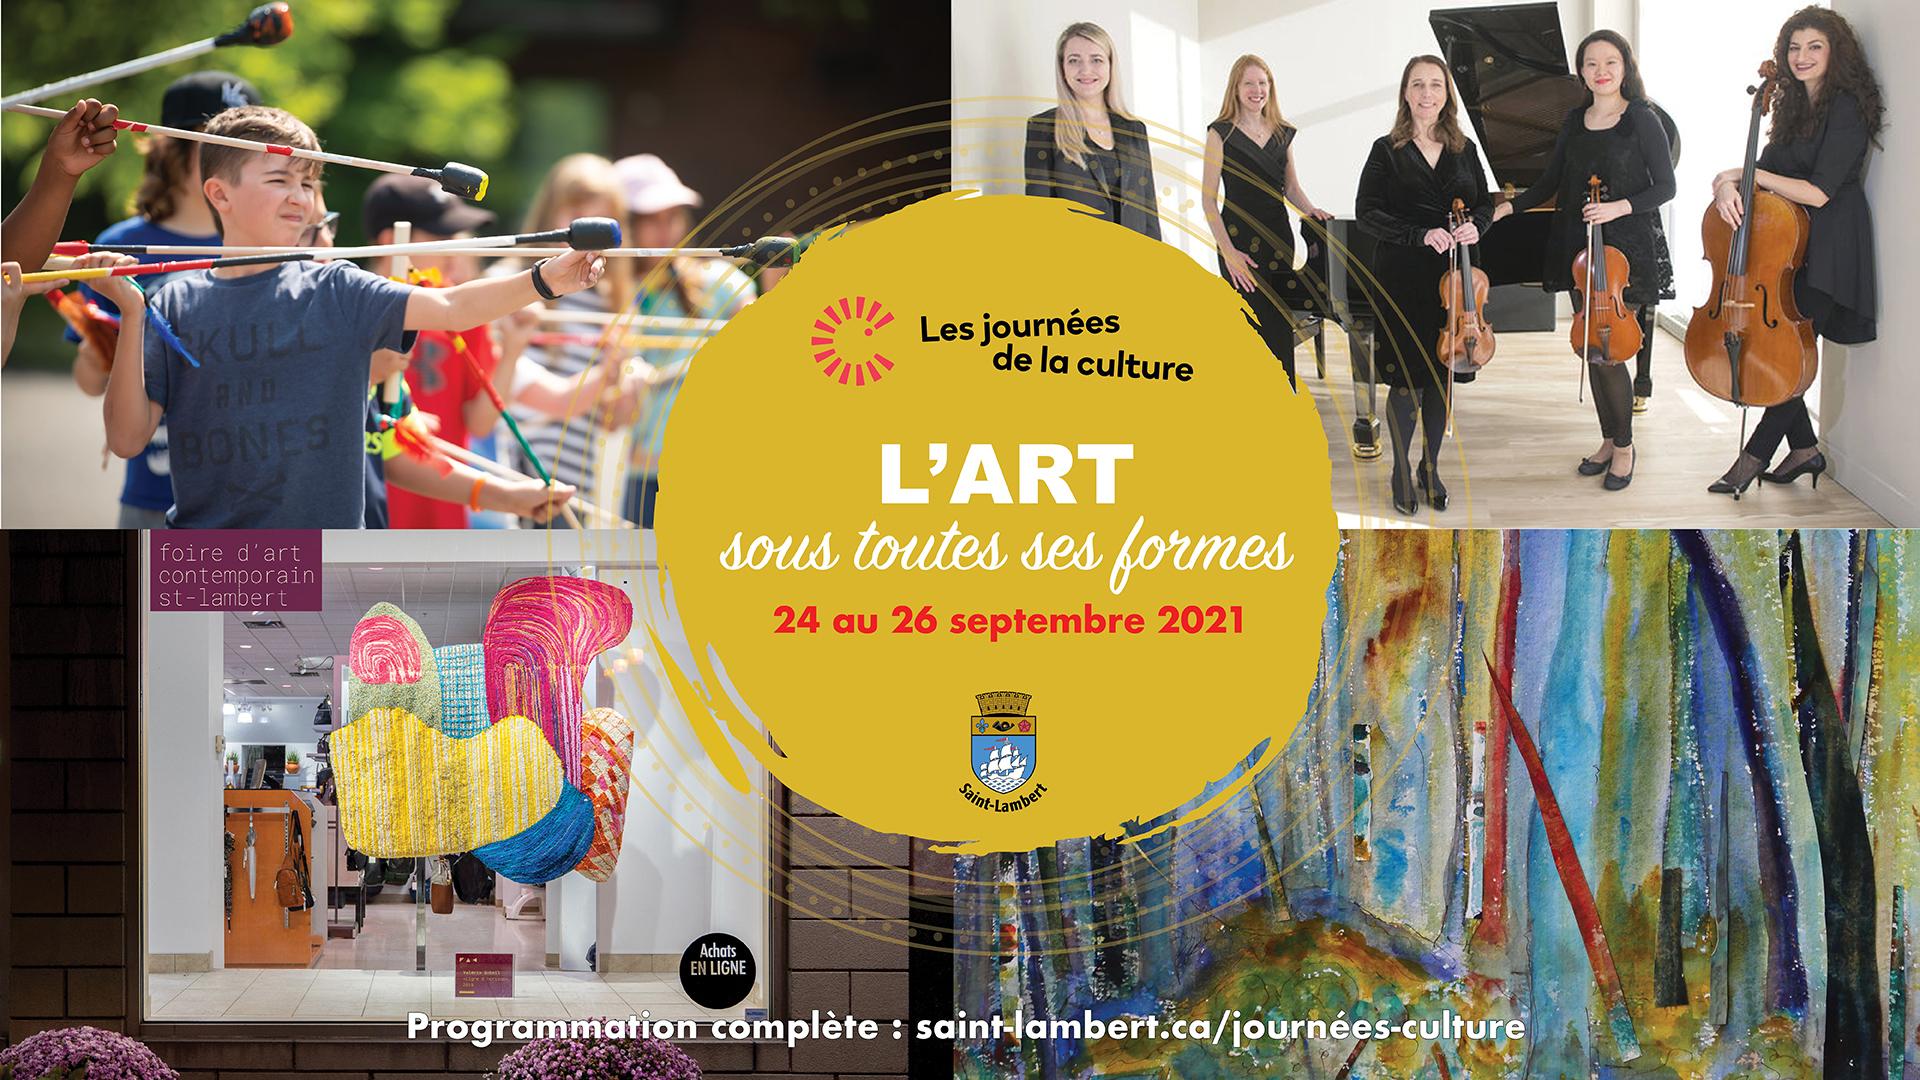 Découvrez l'art sous toutes ses formes   à Saint-Lambert lors des Journées de la culture!